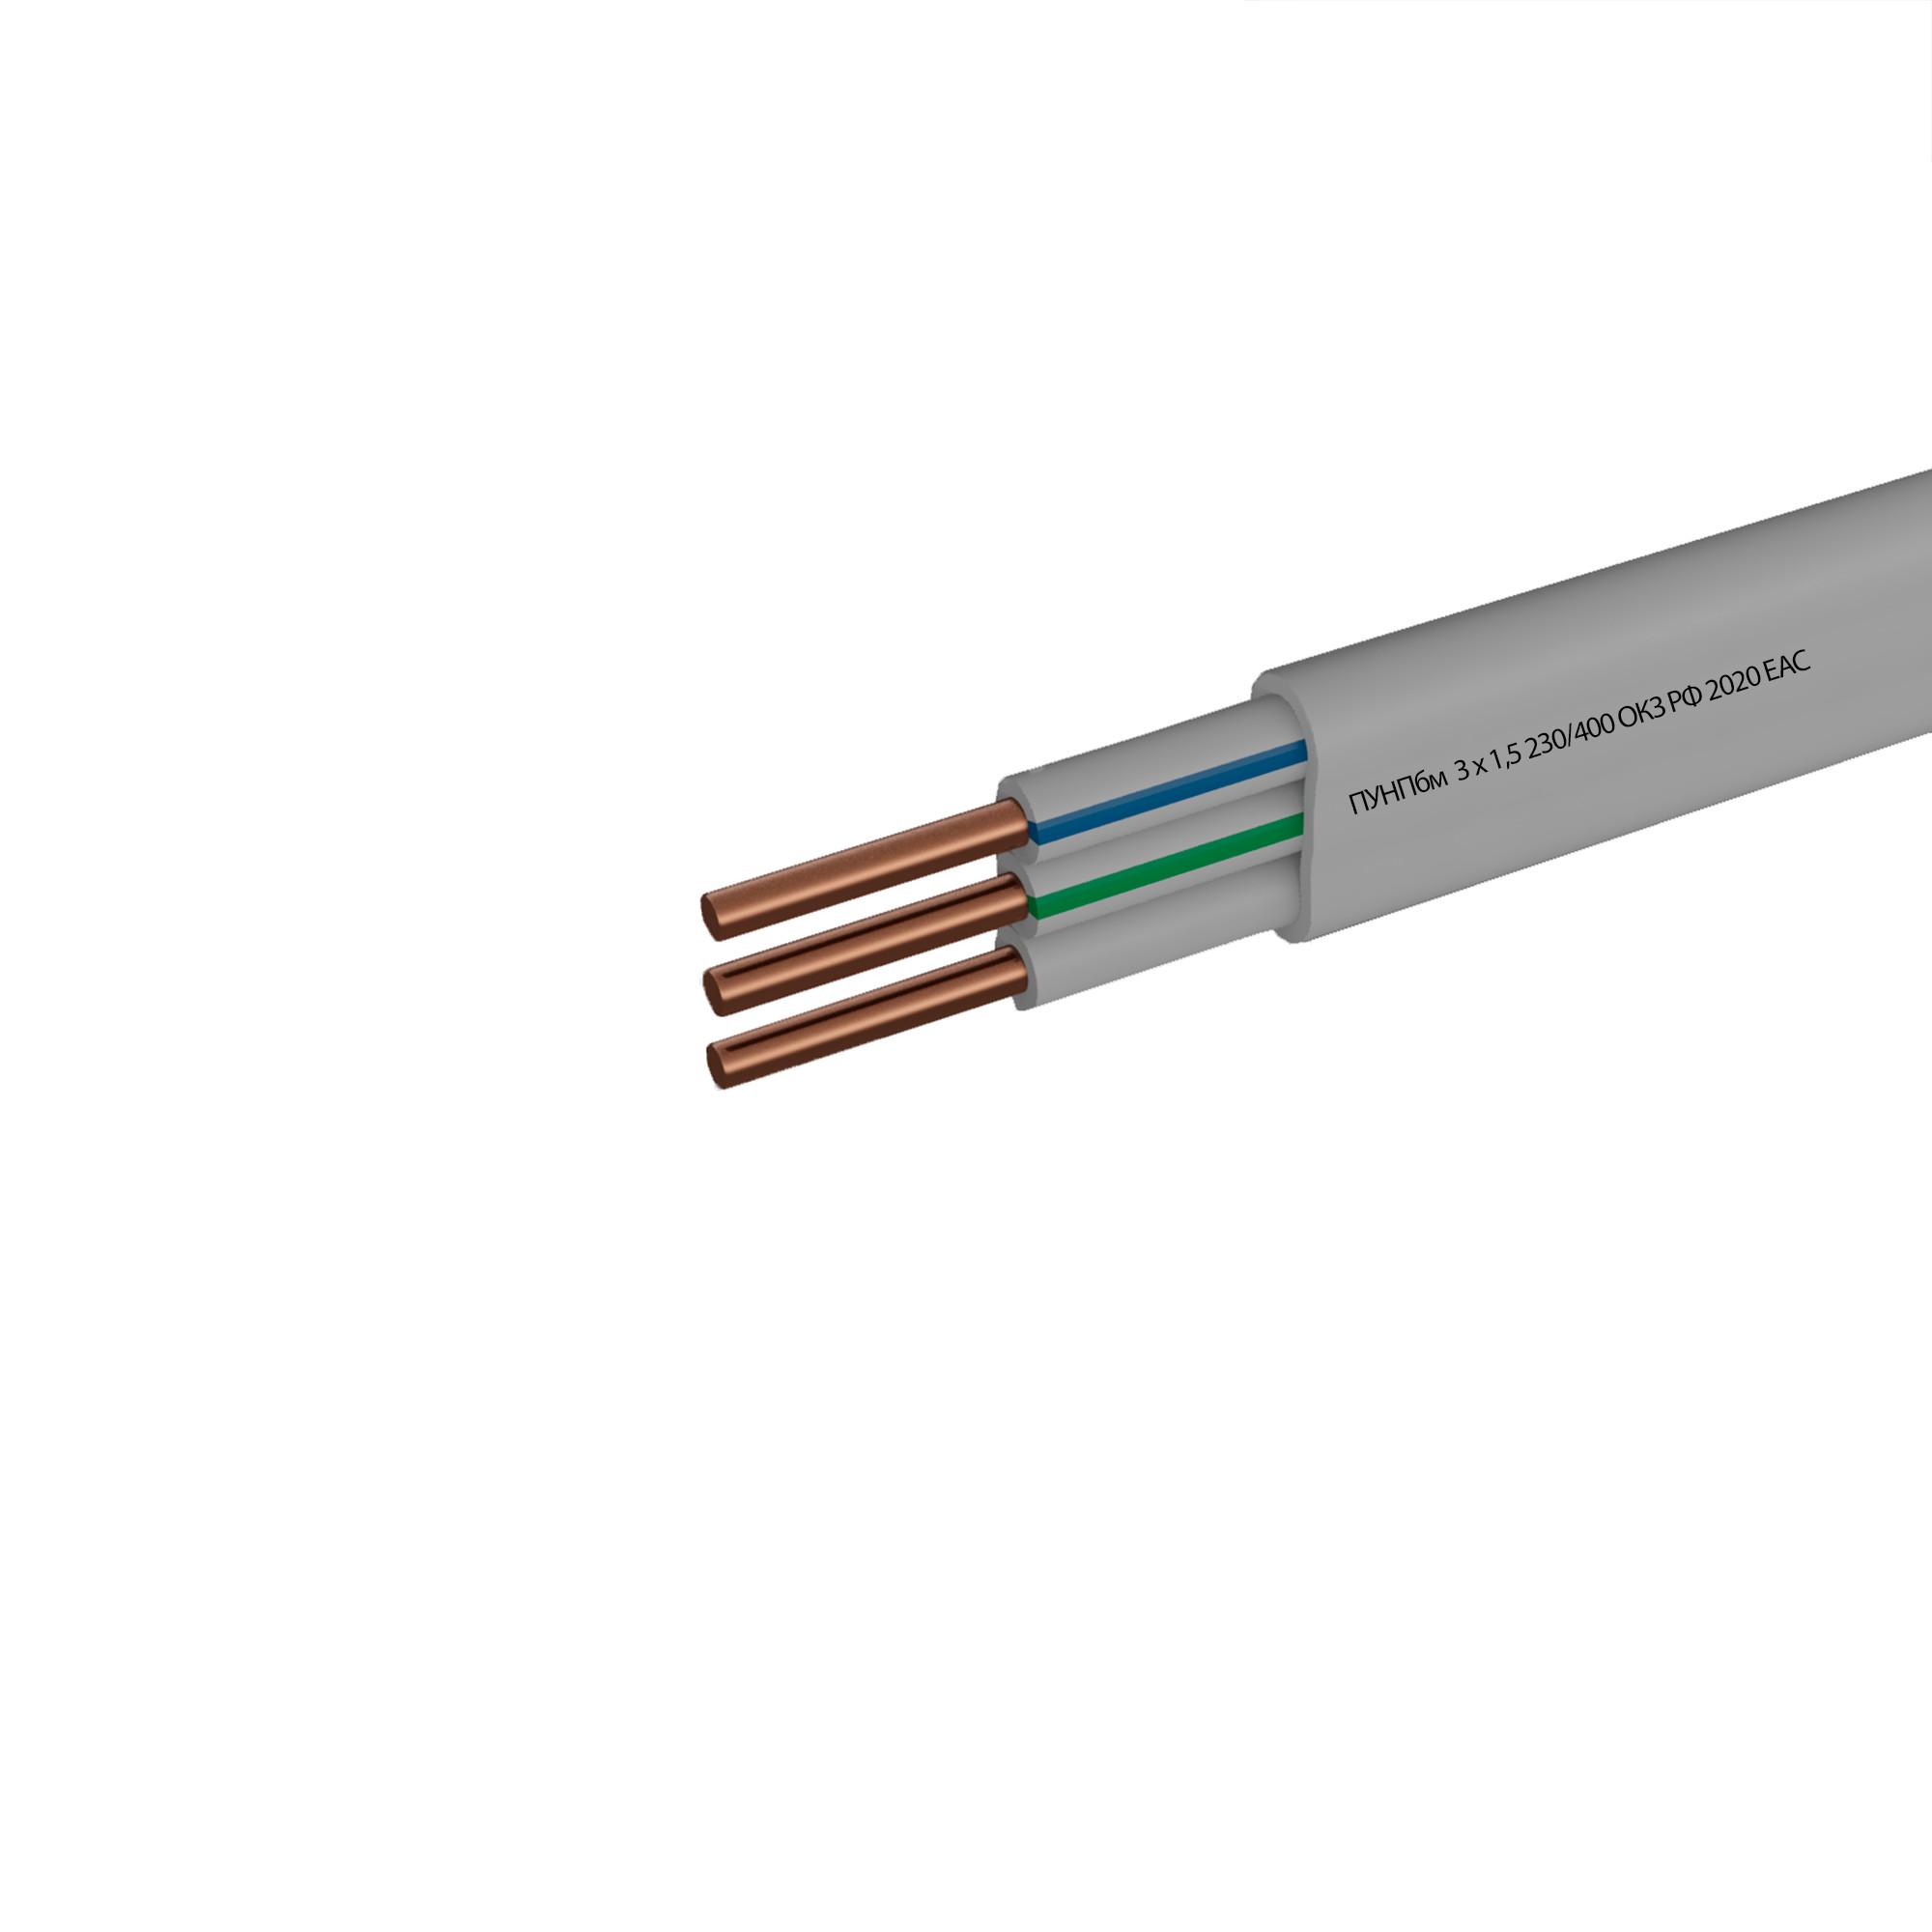 Провод ПУНПбм 3х1.5 мм 100 м